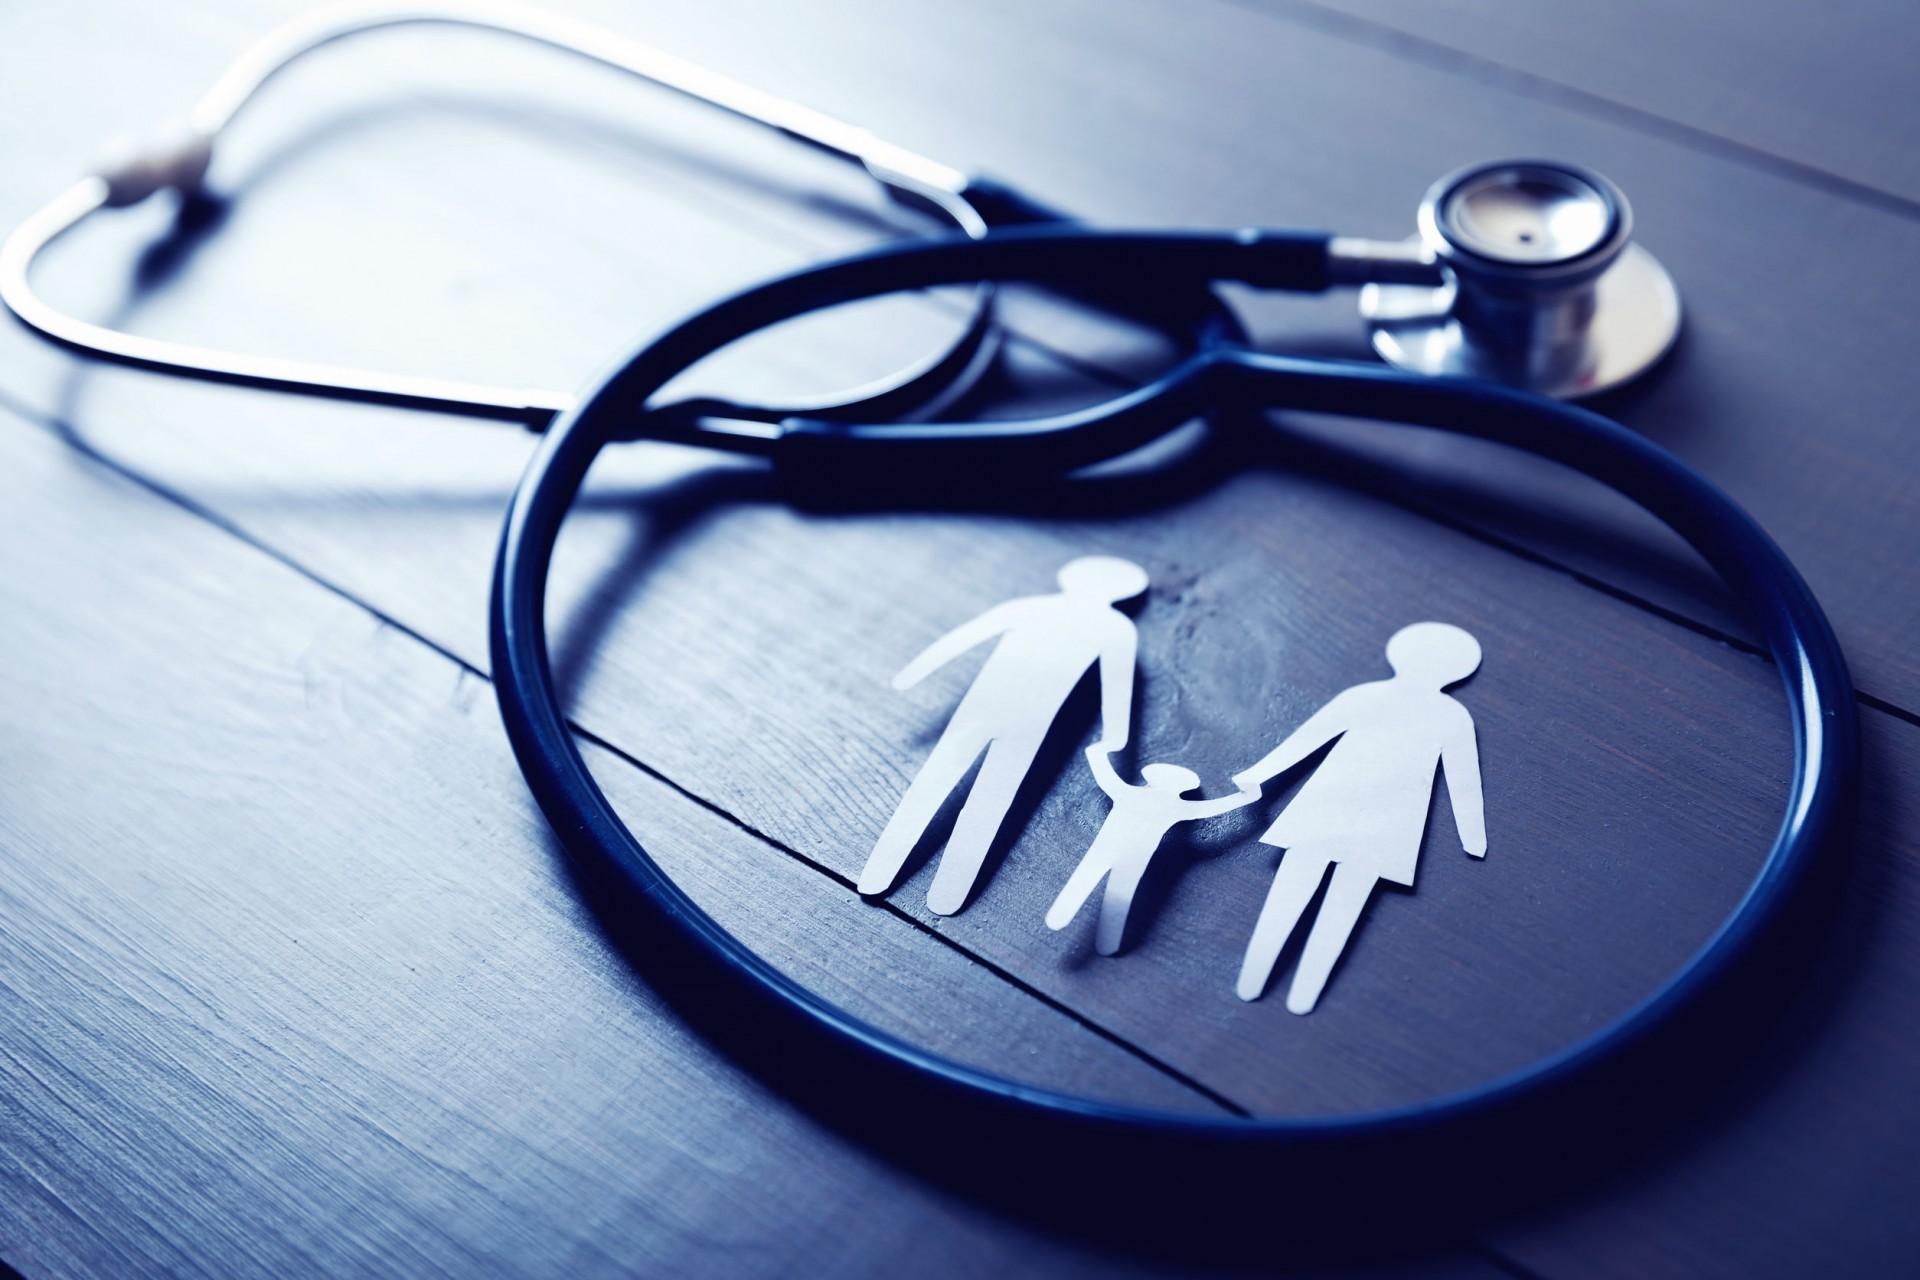 ביטוח בריאות הראל - בזמן אמת יש מי שעומד לצדכם